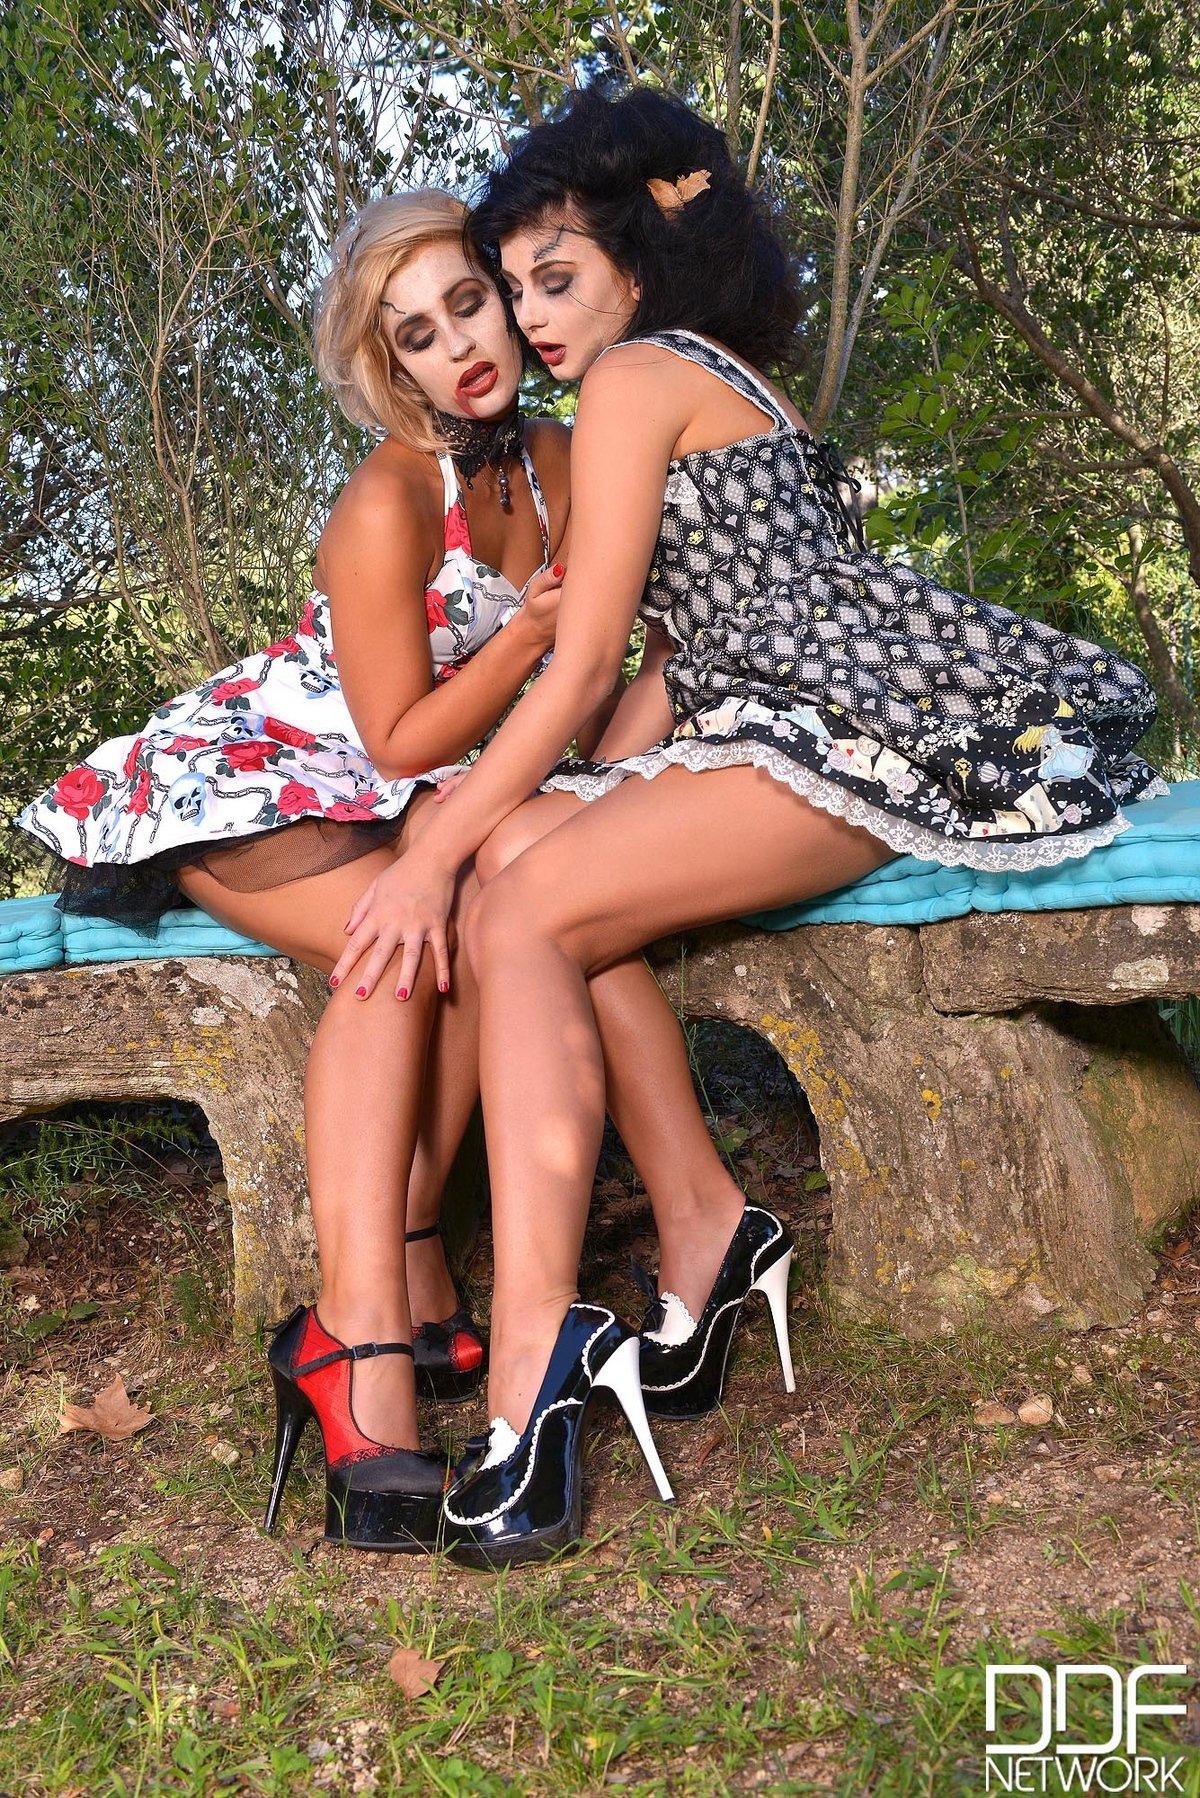 Две лесбияночки играются на Хеллоуин в саду